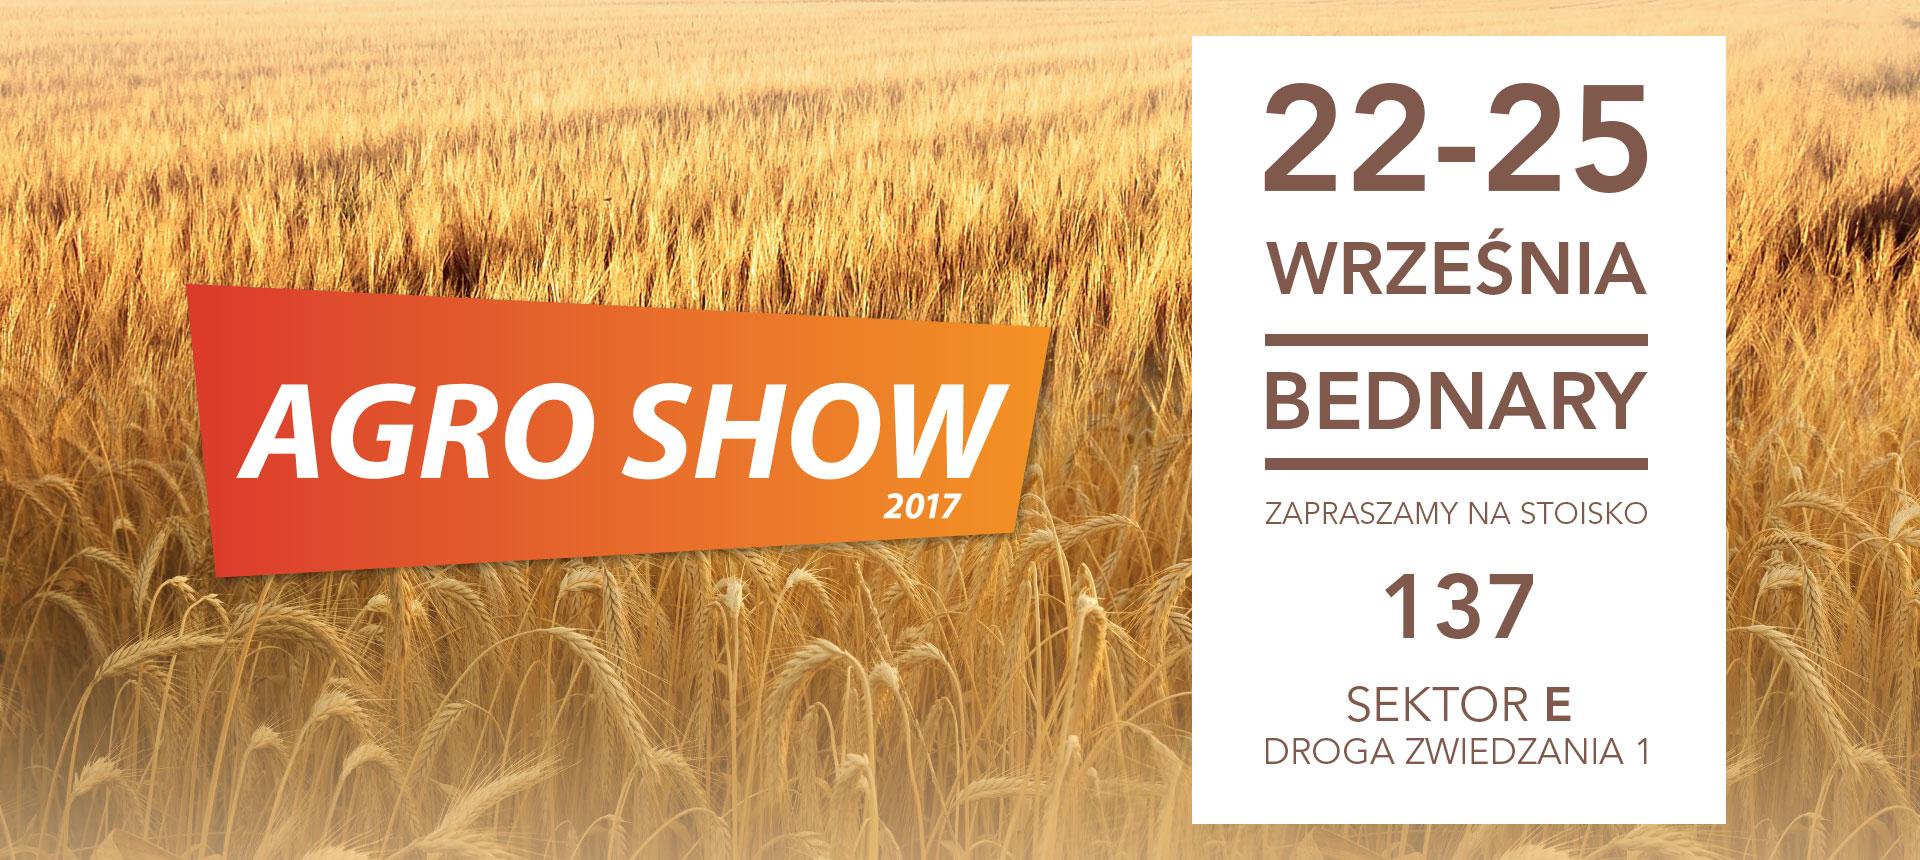 Targi Rolnicze Agro Show 2017 Precon Polska Bednary